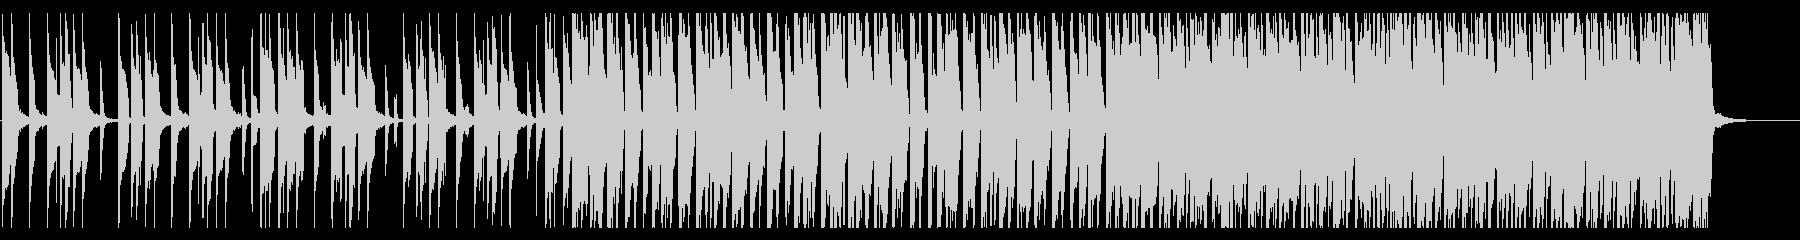 コミカルで賑やかなハウス_No419_2の未再生の波形